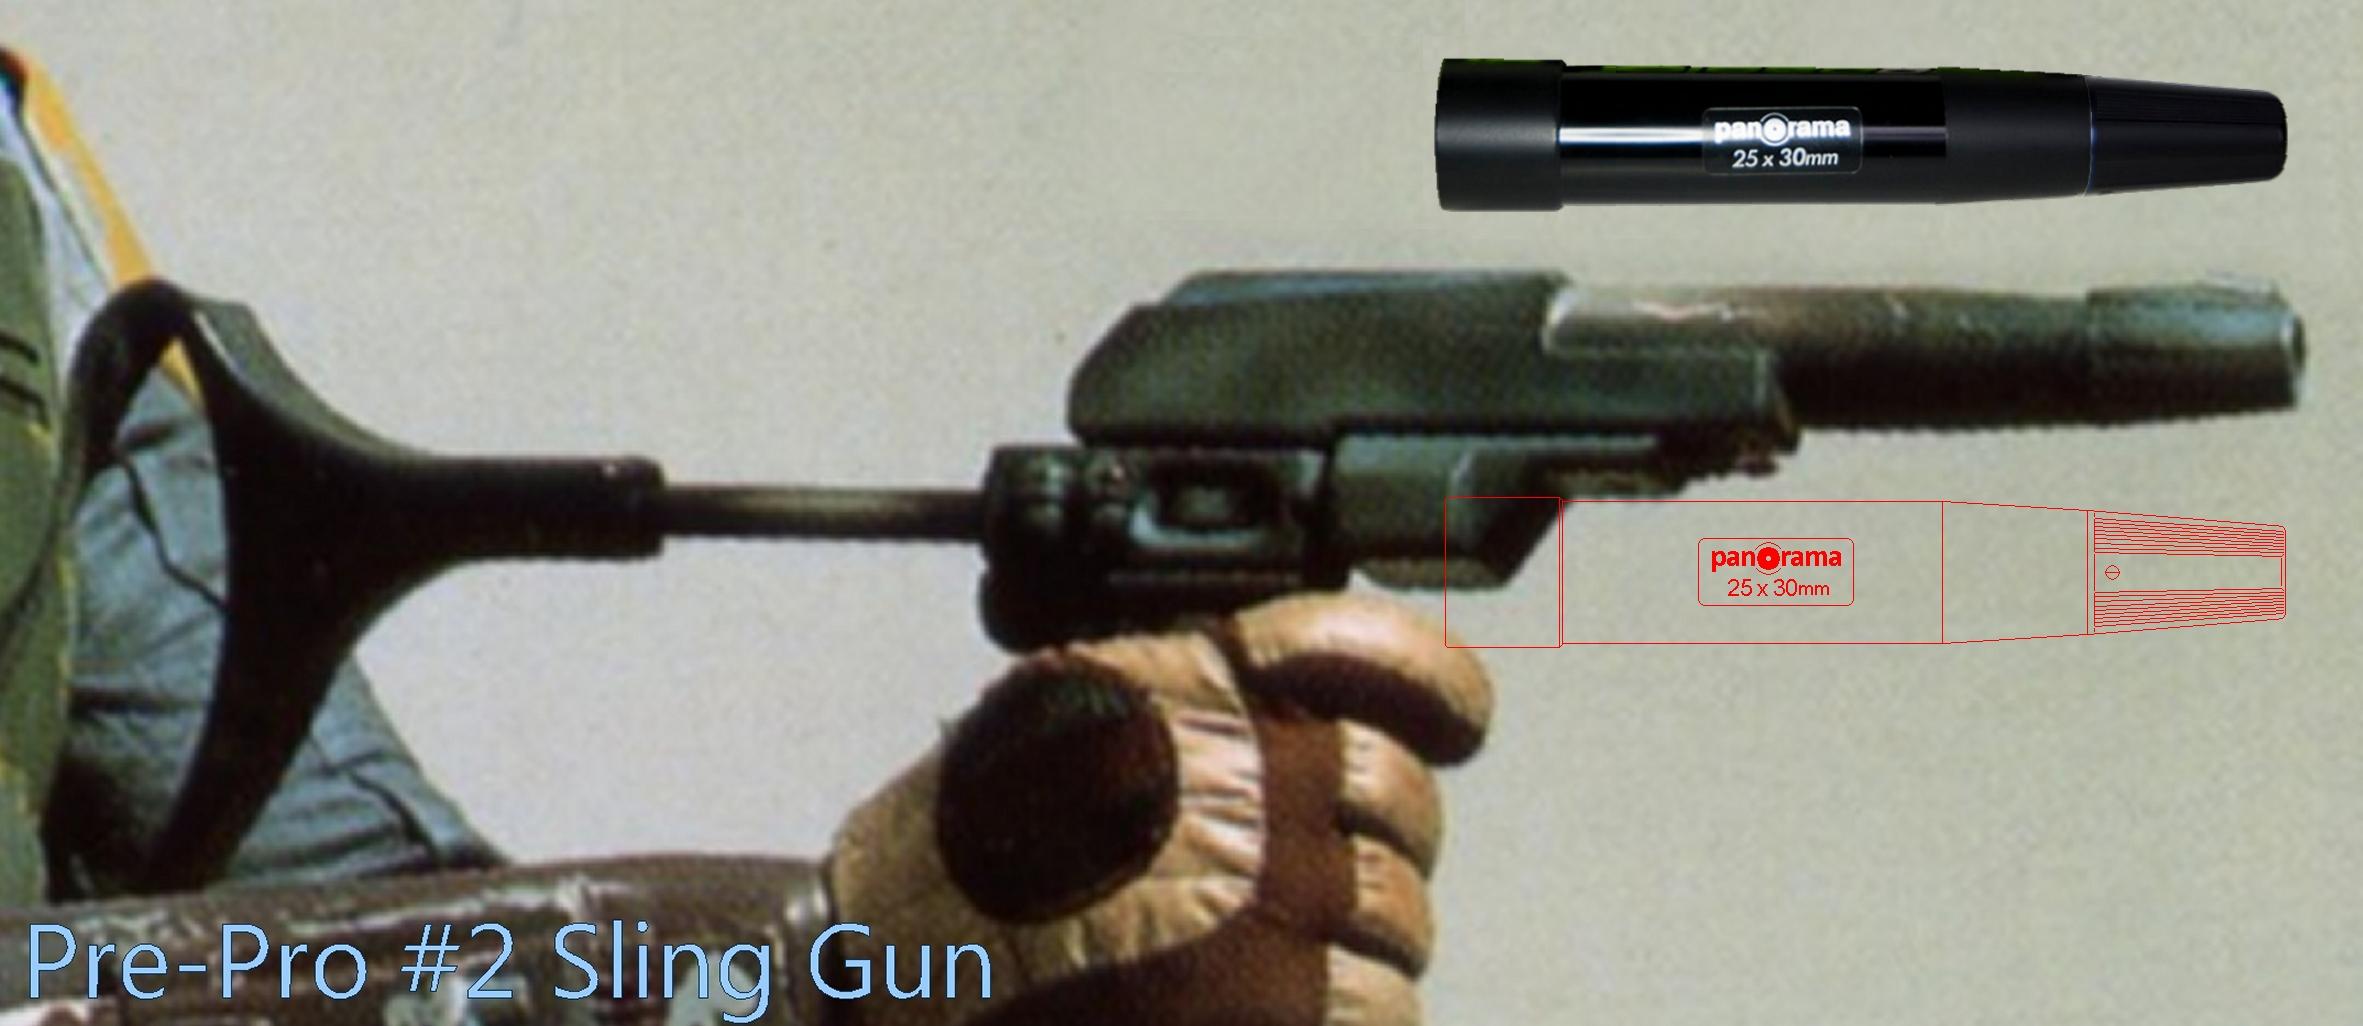 PP2 Sling Gun And Telescope 2.jpg